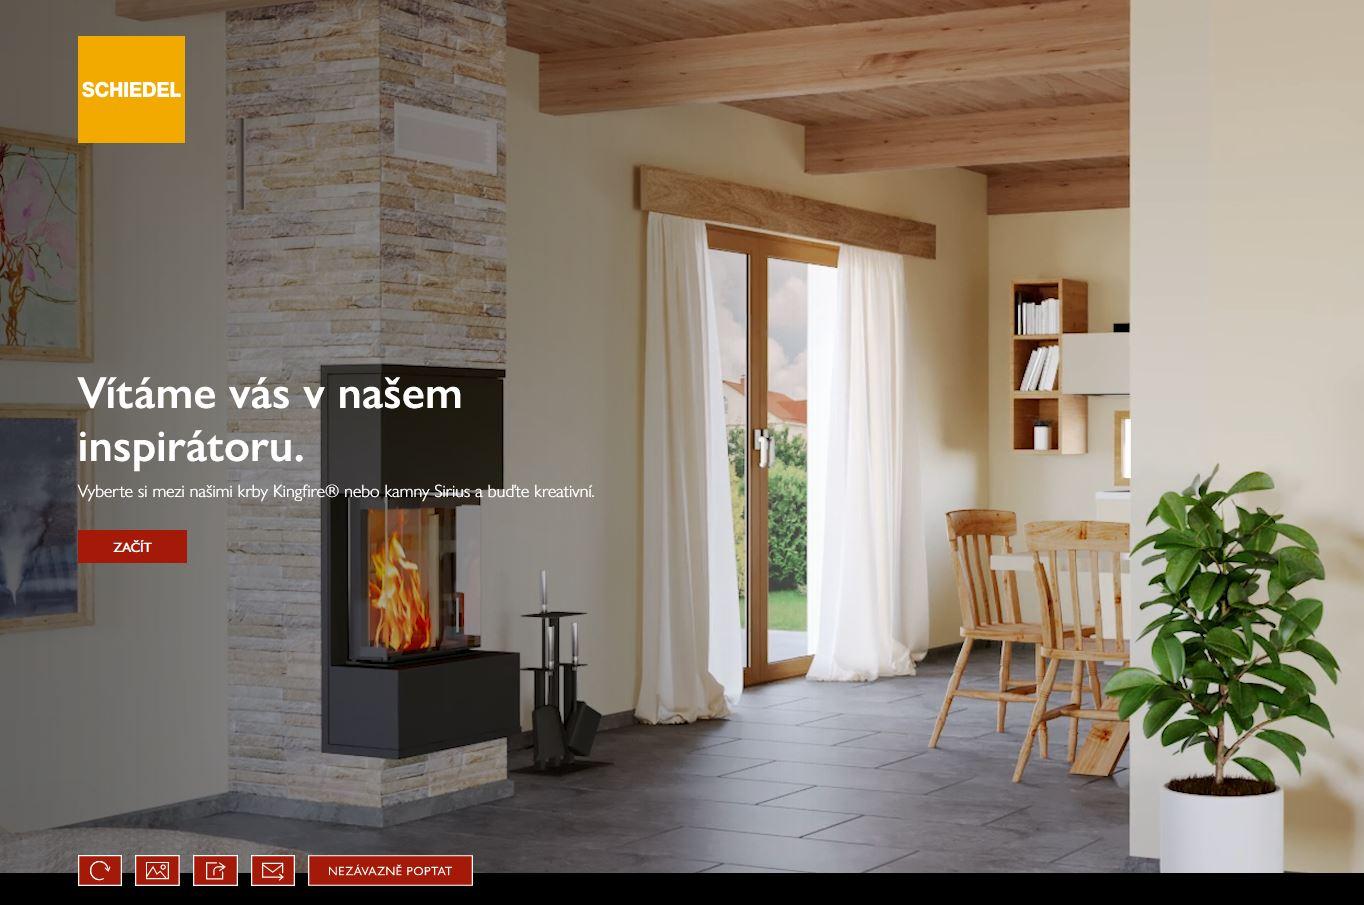 Pohrajte si s umístěním krbu v interiéru a inspirujte se k vlastnímu řešení: https://www.schiedel.com/cz/uzitecne/krbovy-konfigurator/ - Obrázek č. 1